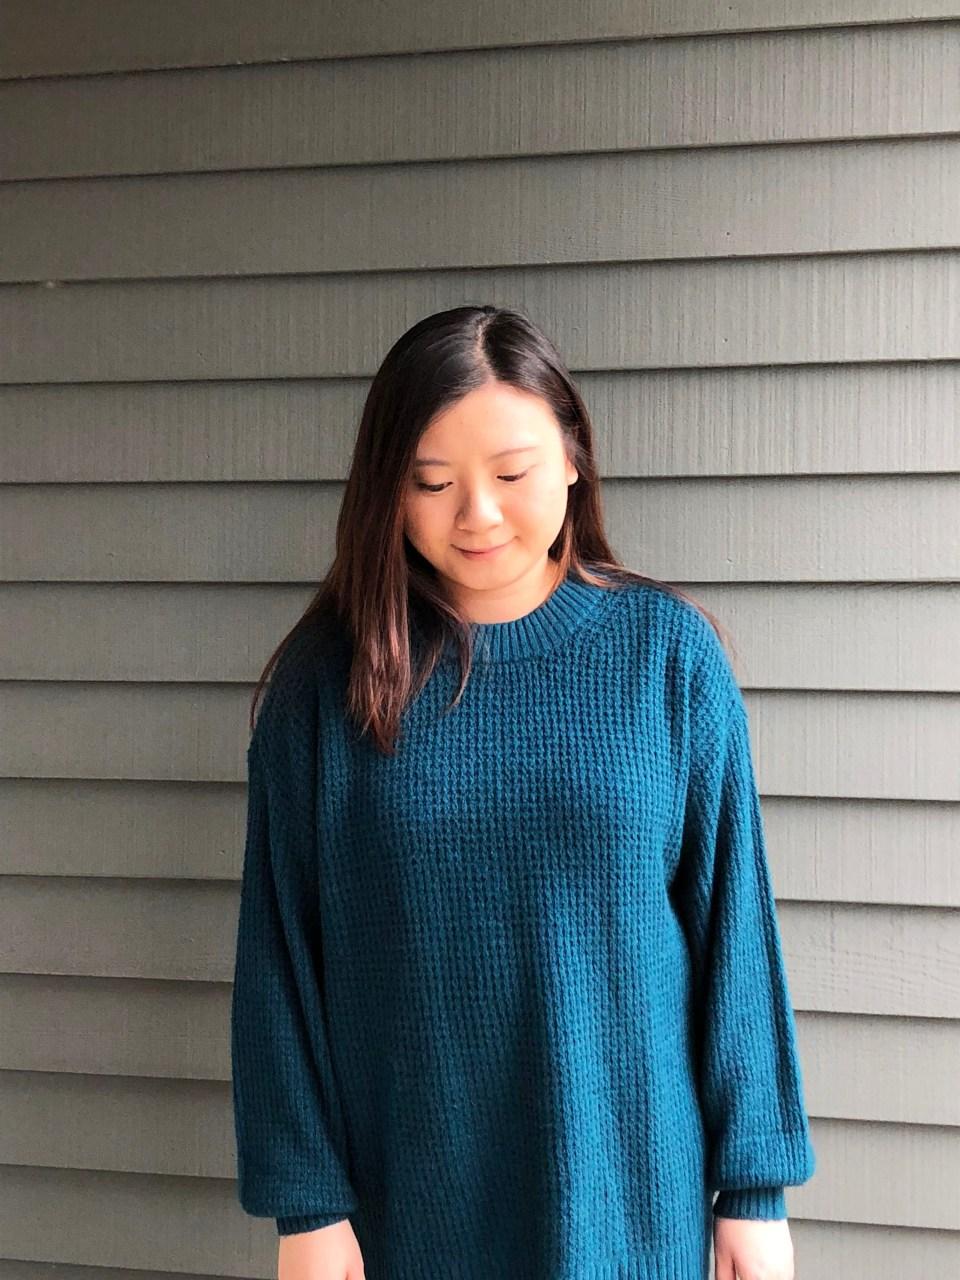 Teal Cloudspun Sweater 7